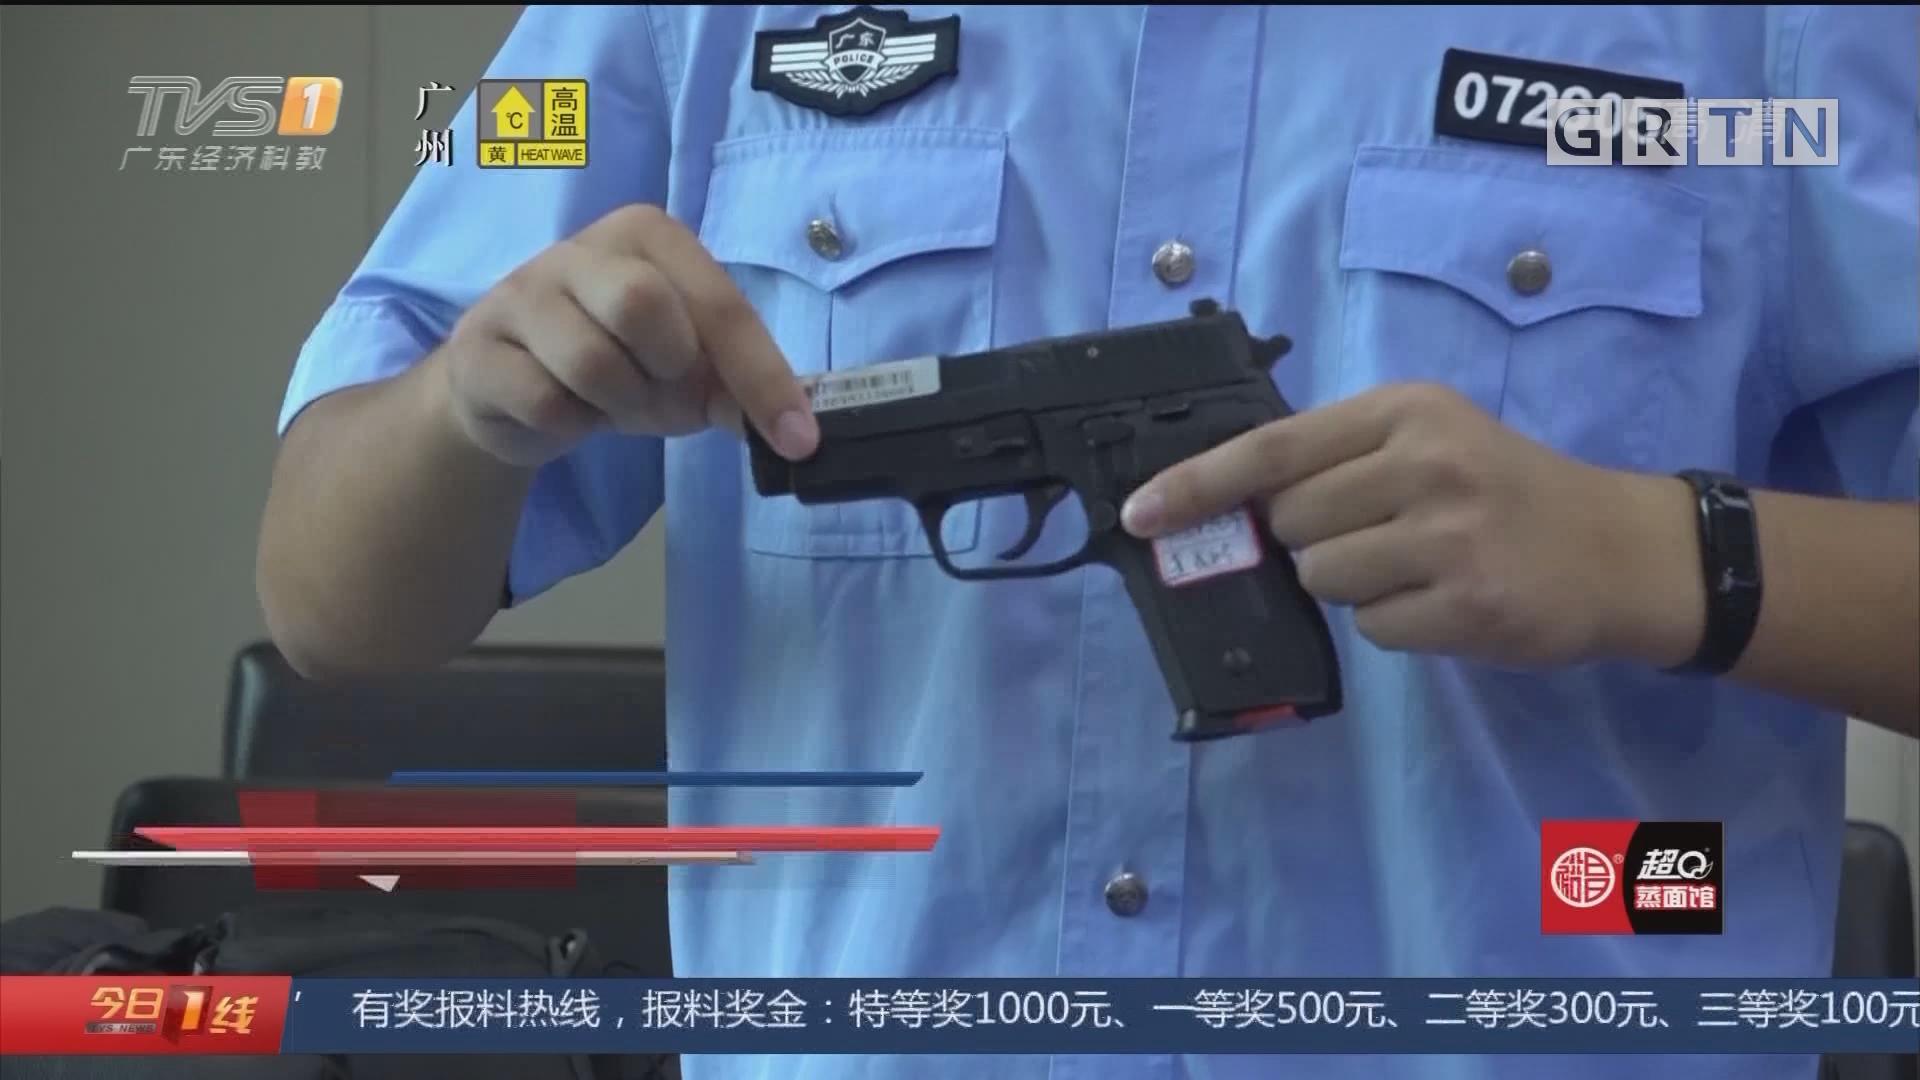 深圳警方通报:跨境走私枪支案告破 抓2人缴枪8支